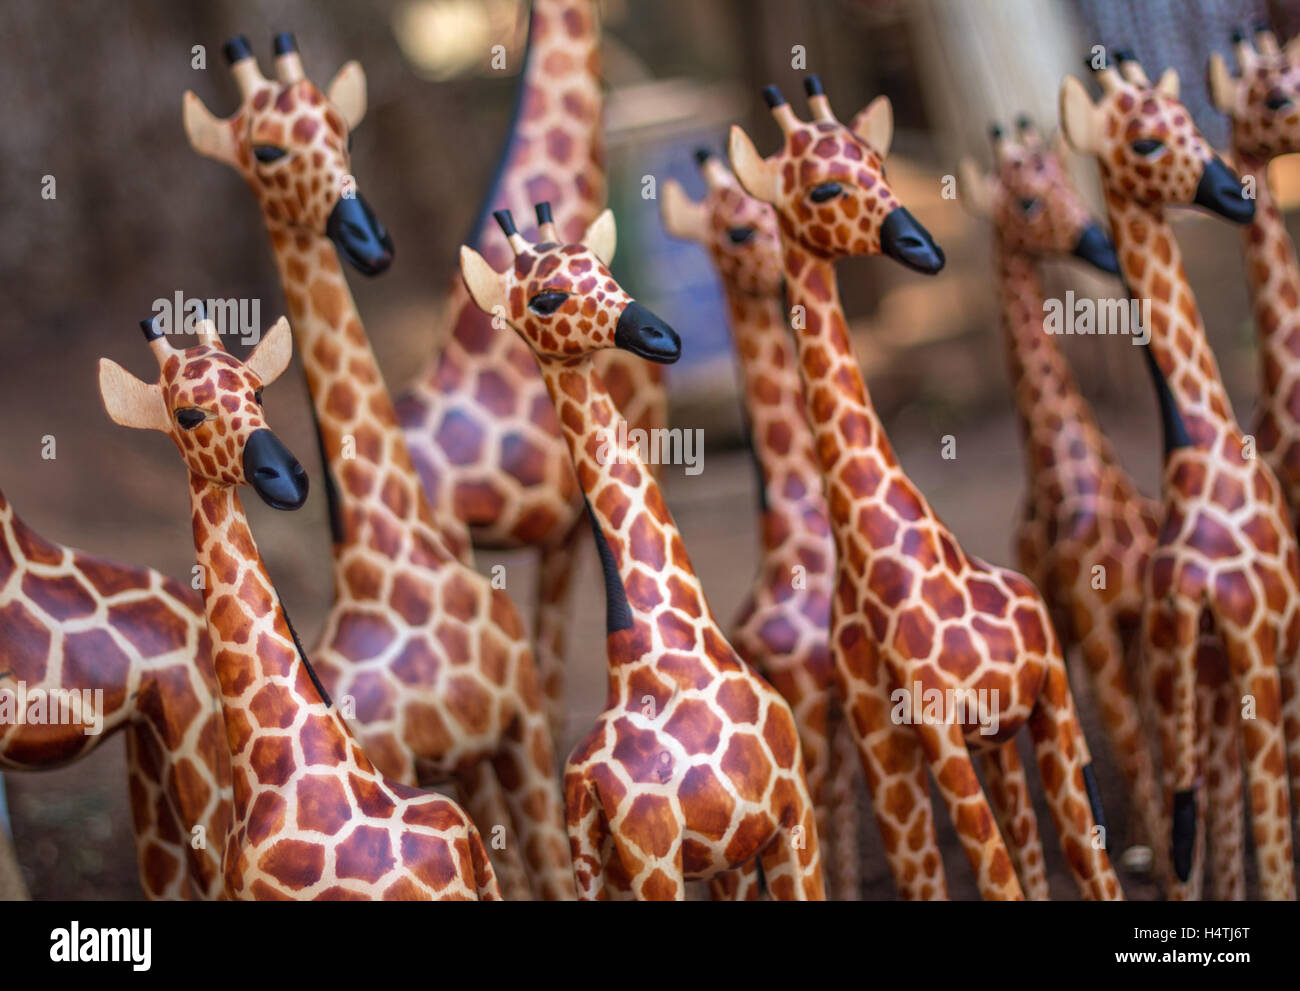 Ein aus Holz Giraffe zeichnet sich in Menge ähnliche Schnitzereien ...